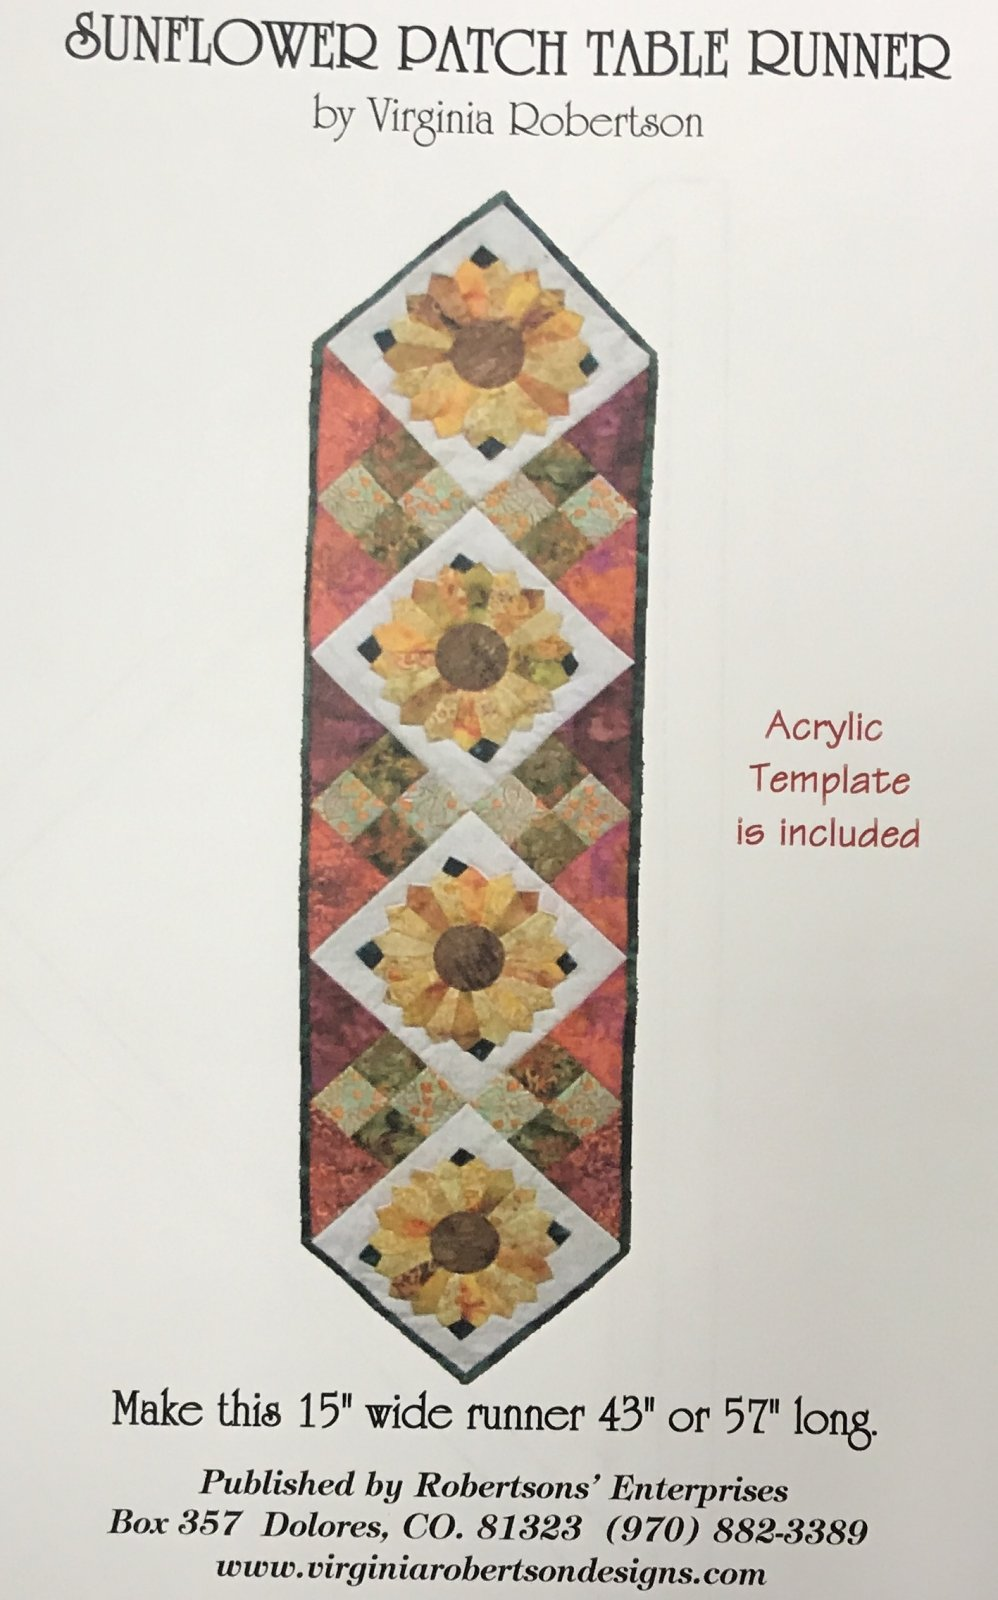 Sunflower Patch Runner - w template